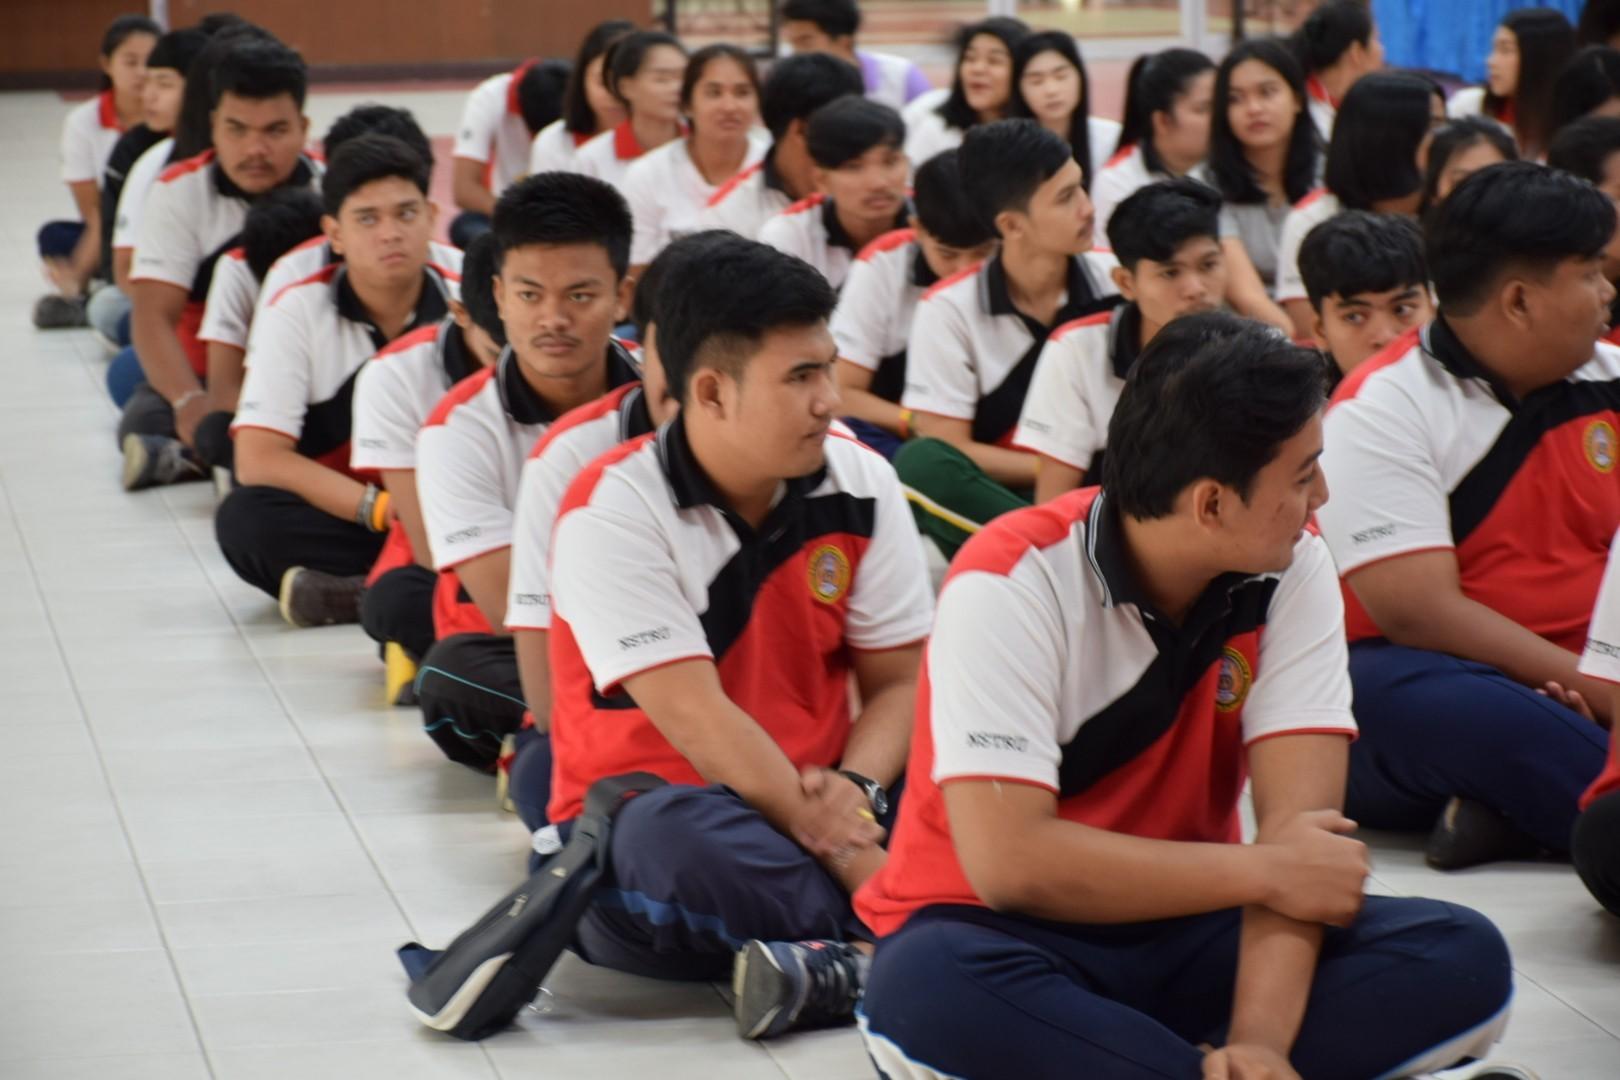 รปศ.ท้องถิ่นจัดโครงการส่งเสริมการเรียนรู้และพัฒนาภาวะความเป็นผู้นำให้แก่นักศึกษาชั้นปีที่ 1-9